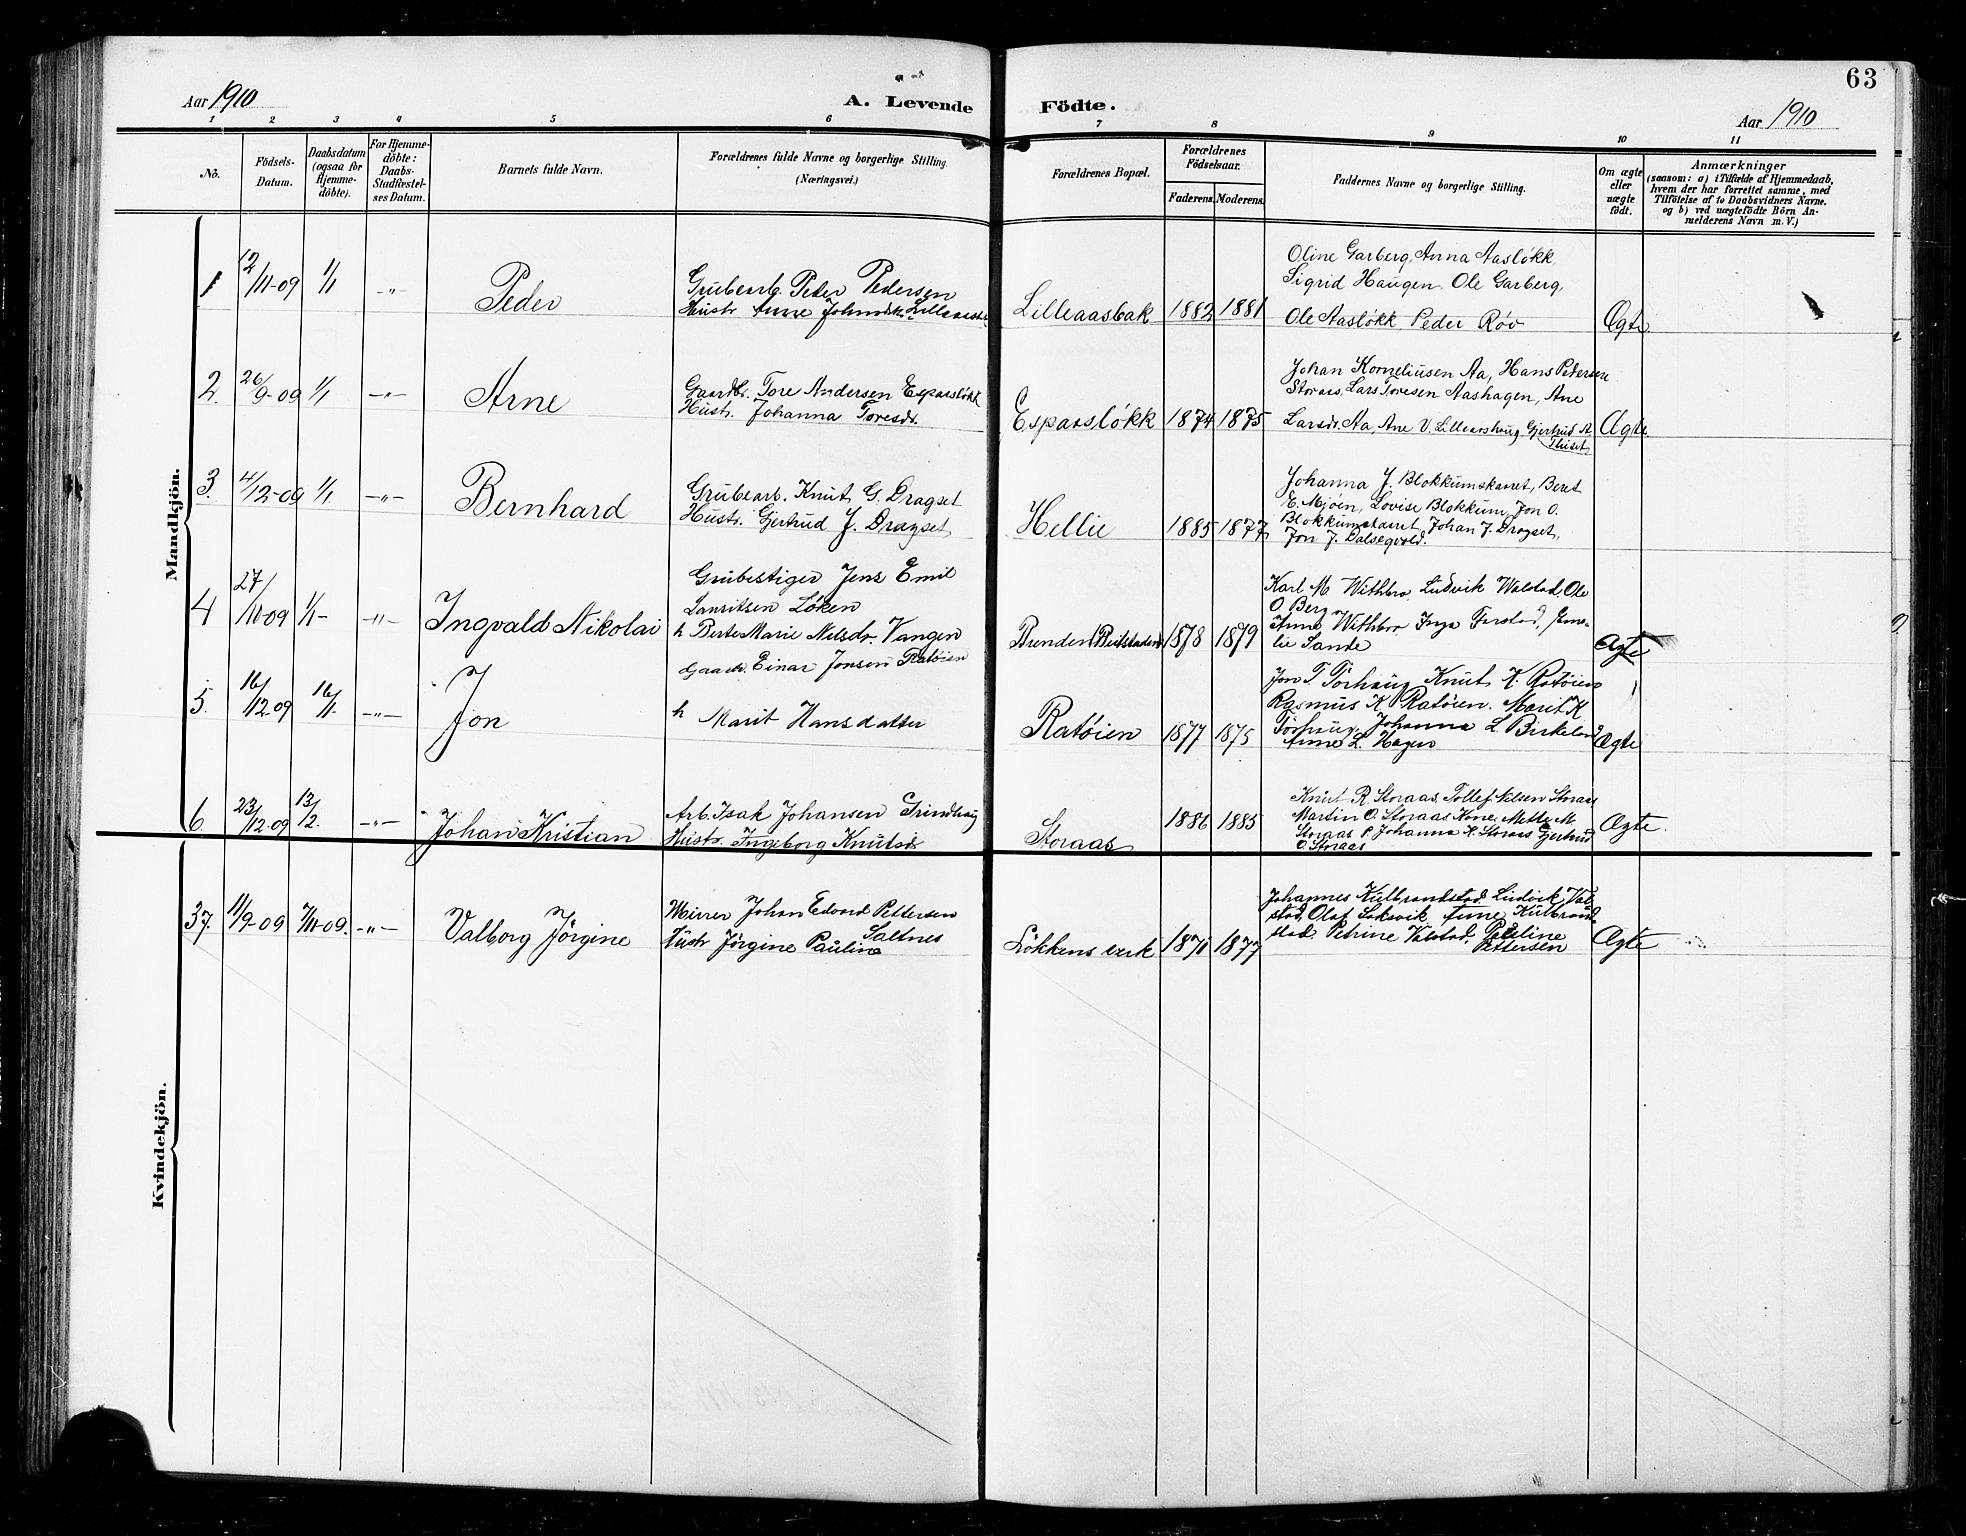 SAT, Ministerialprotokoller, klokkerbøker og fødselsregistre - Sør-Trøndelag, 672/L0864: Klokkerbok nr. 672C03, 1902-1914, s. 63